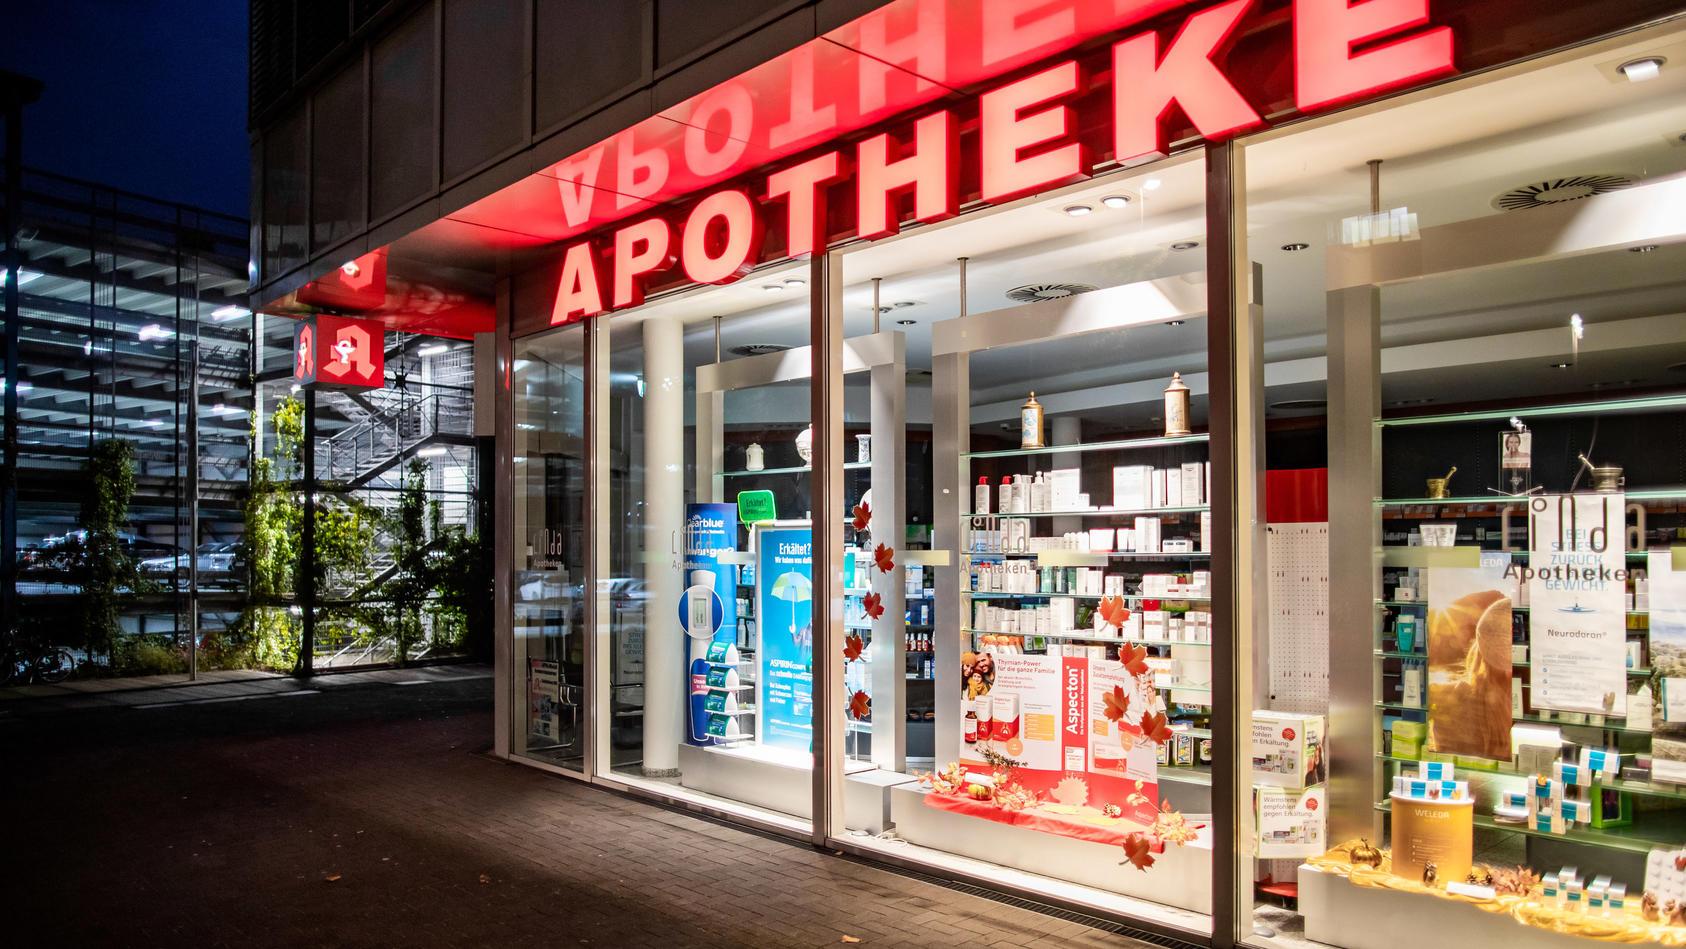 Heilig-Geist Apotheke in Köln